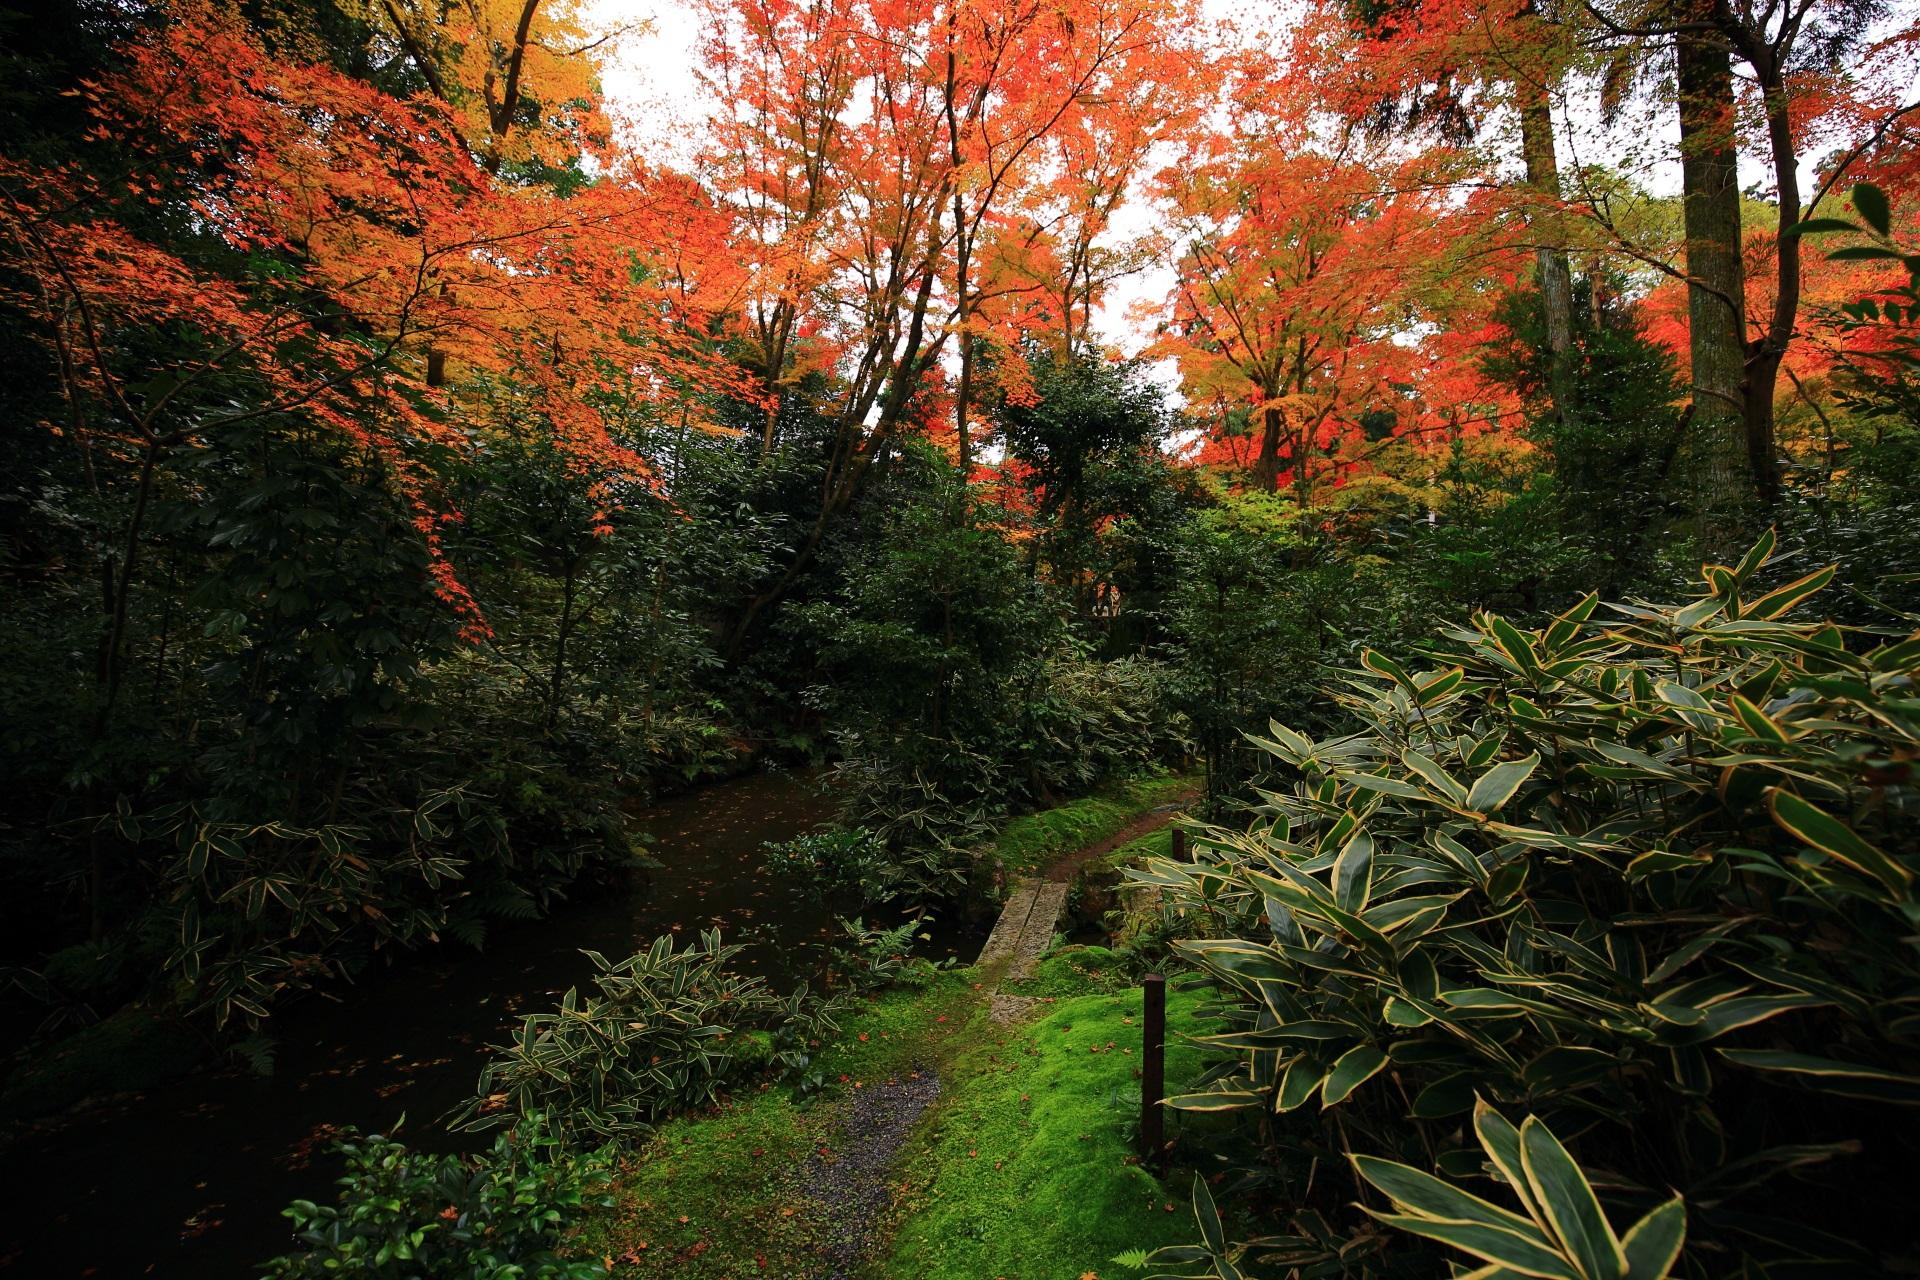 庭園の奥には心字池がある緑と紅葉の溢れる池泉式の含翆庭